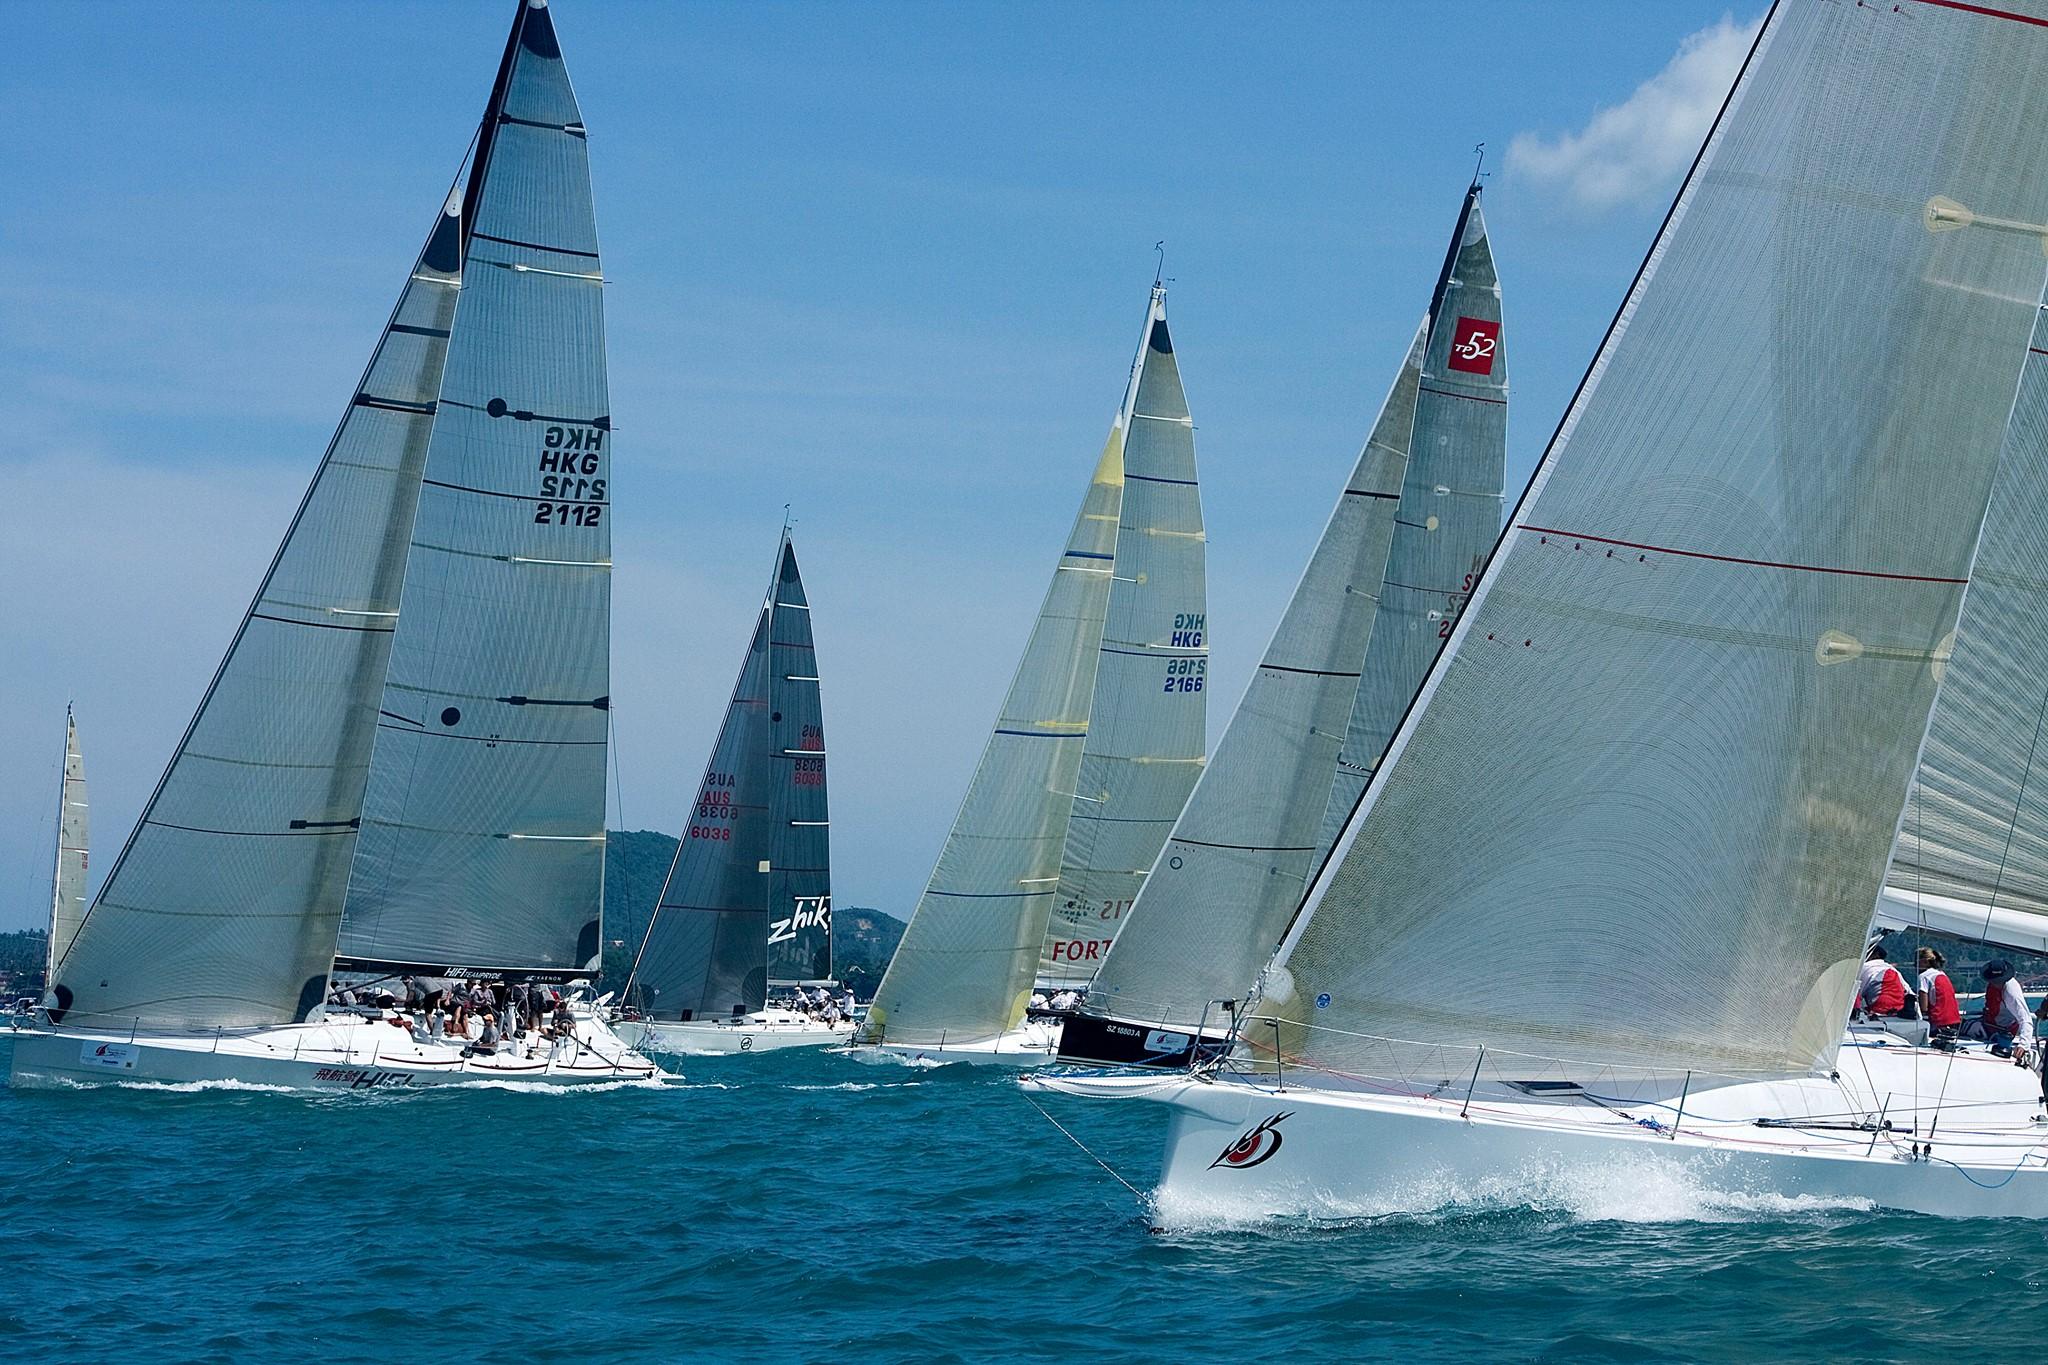 Inspire Pattaya Top Of The Gulf Regatta 2015 At Ocean